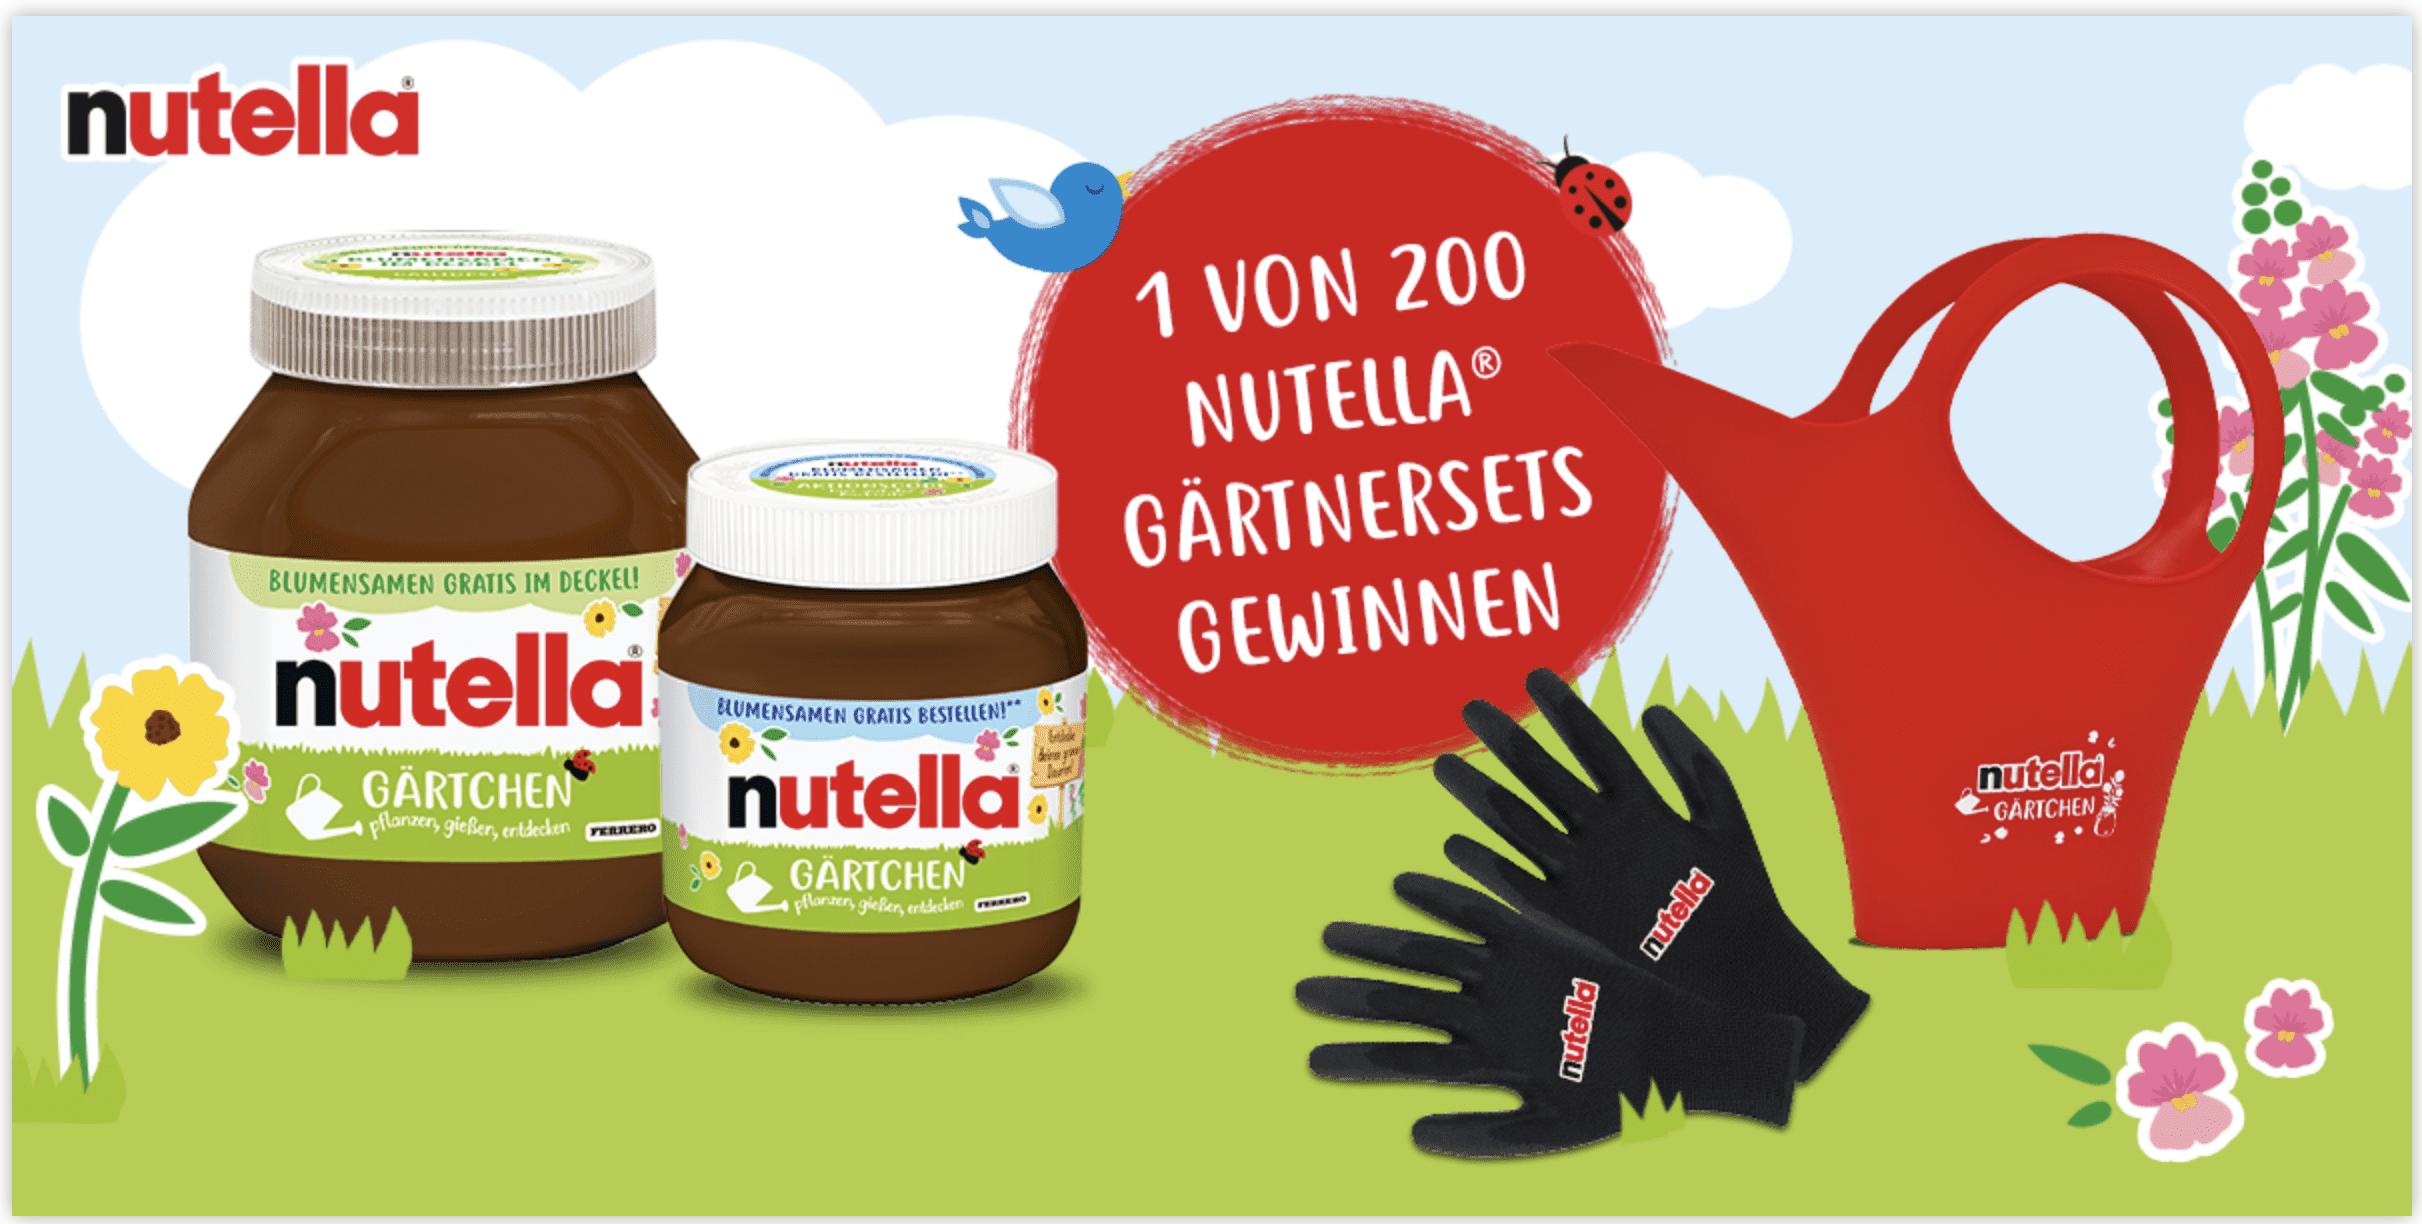 """Nutella Gewinnspiel-Cases """"FMCG Food"""""""